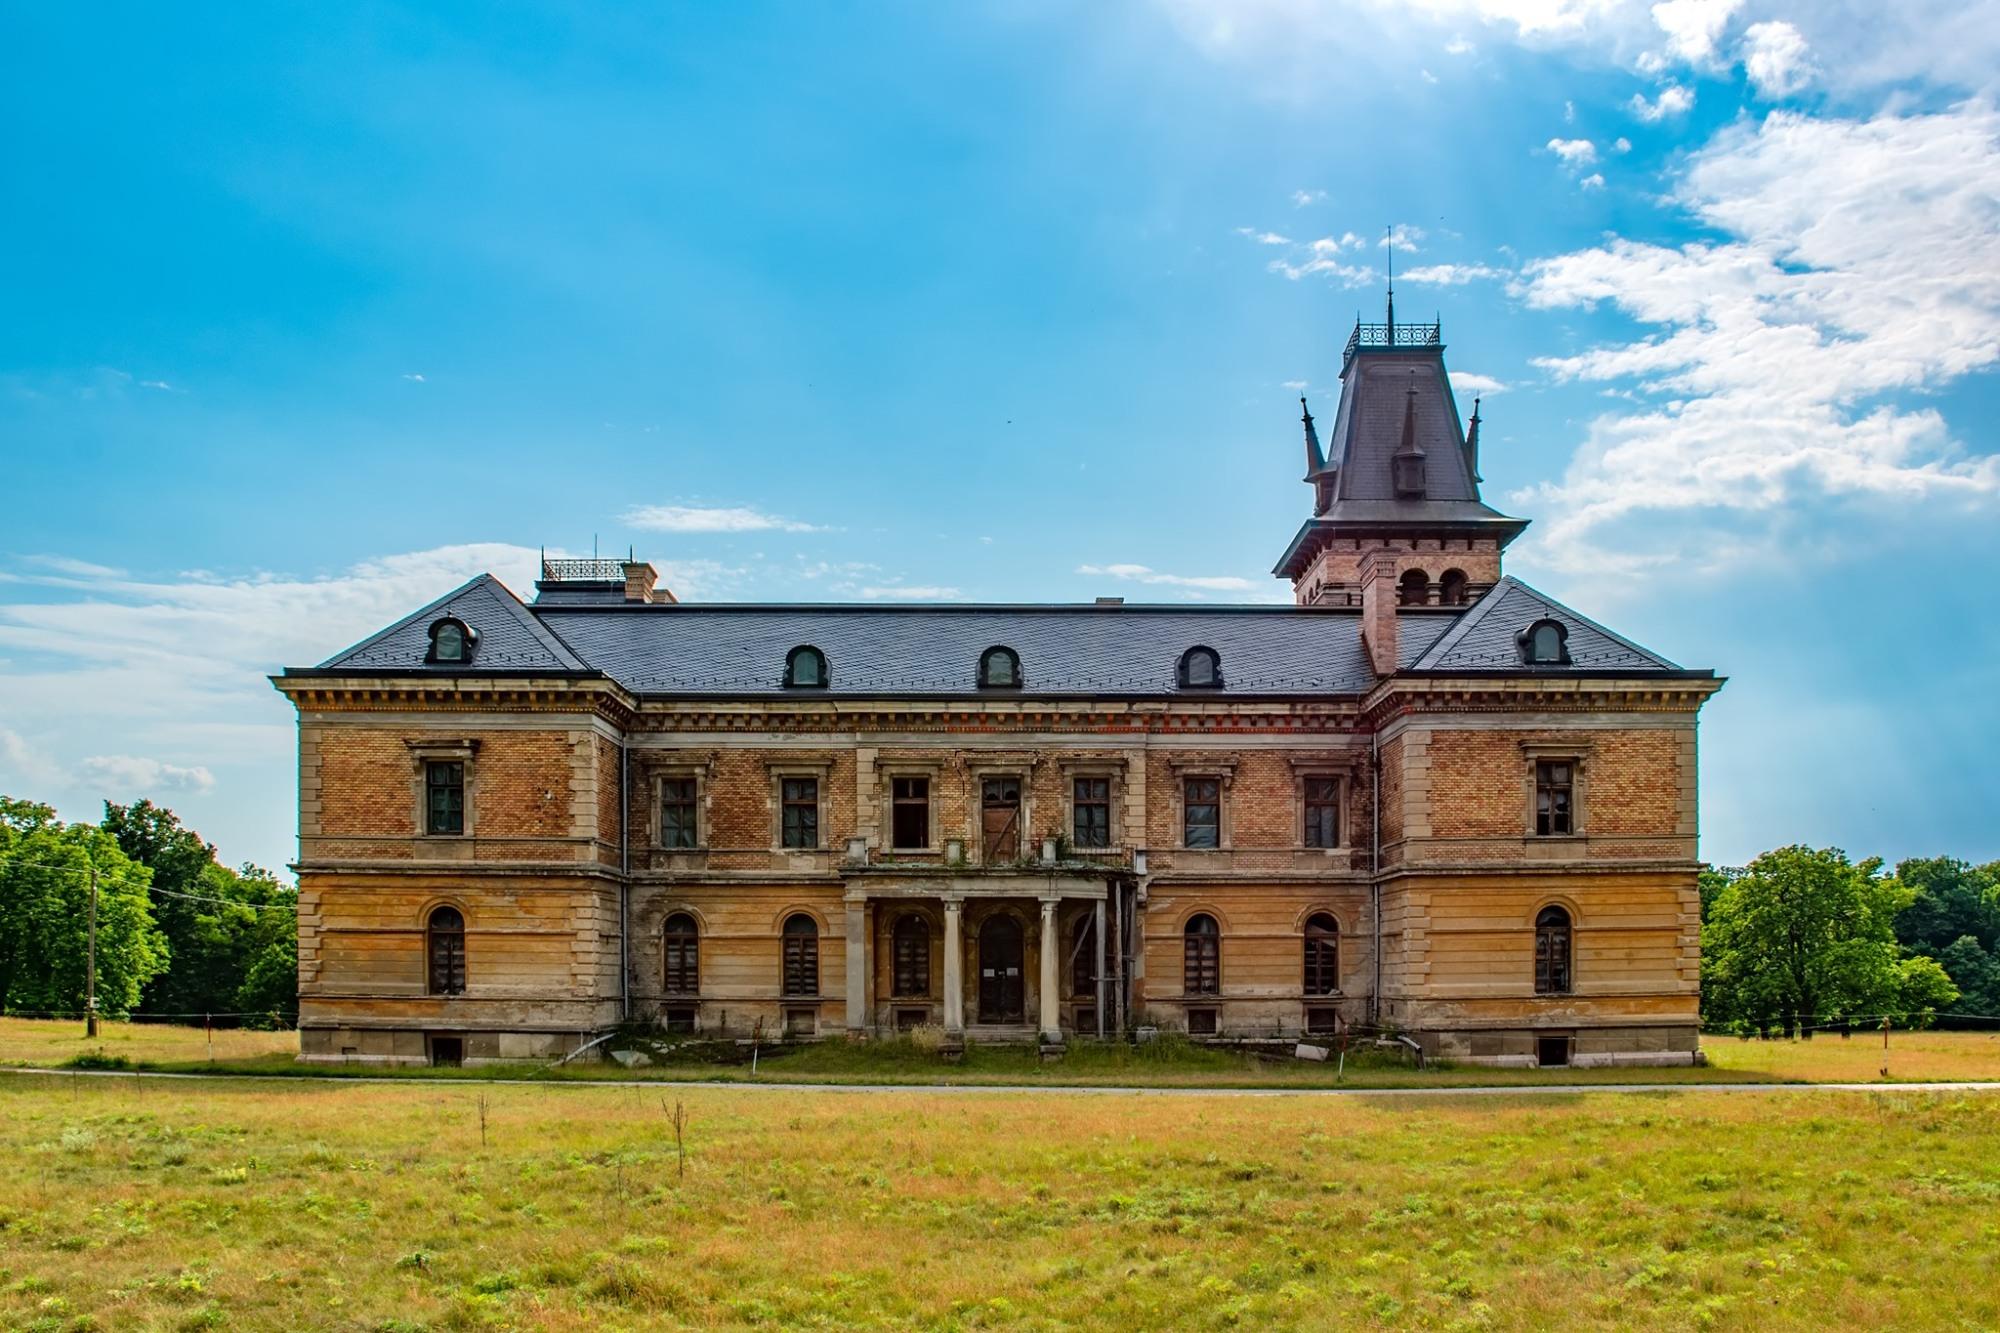 Romos állapotában is méltóságteljes a szép napokat és háborús időket is megélt Kégl-kastély